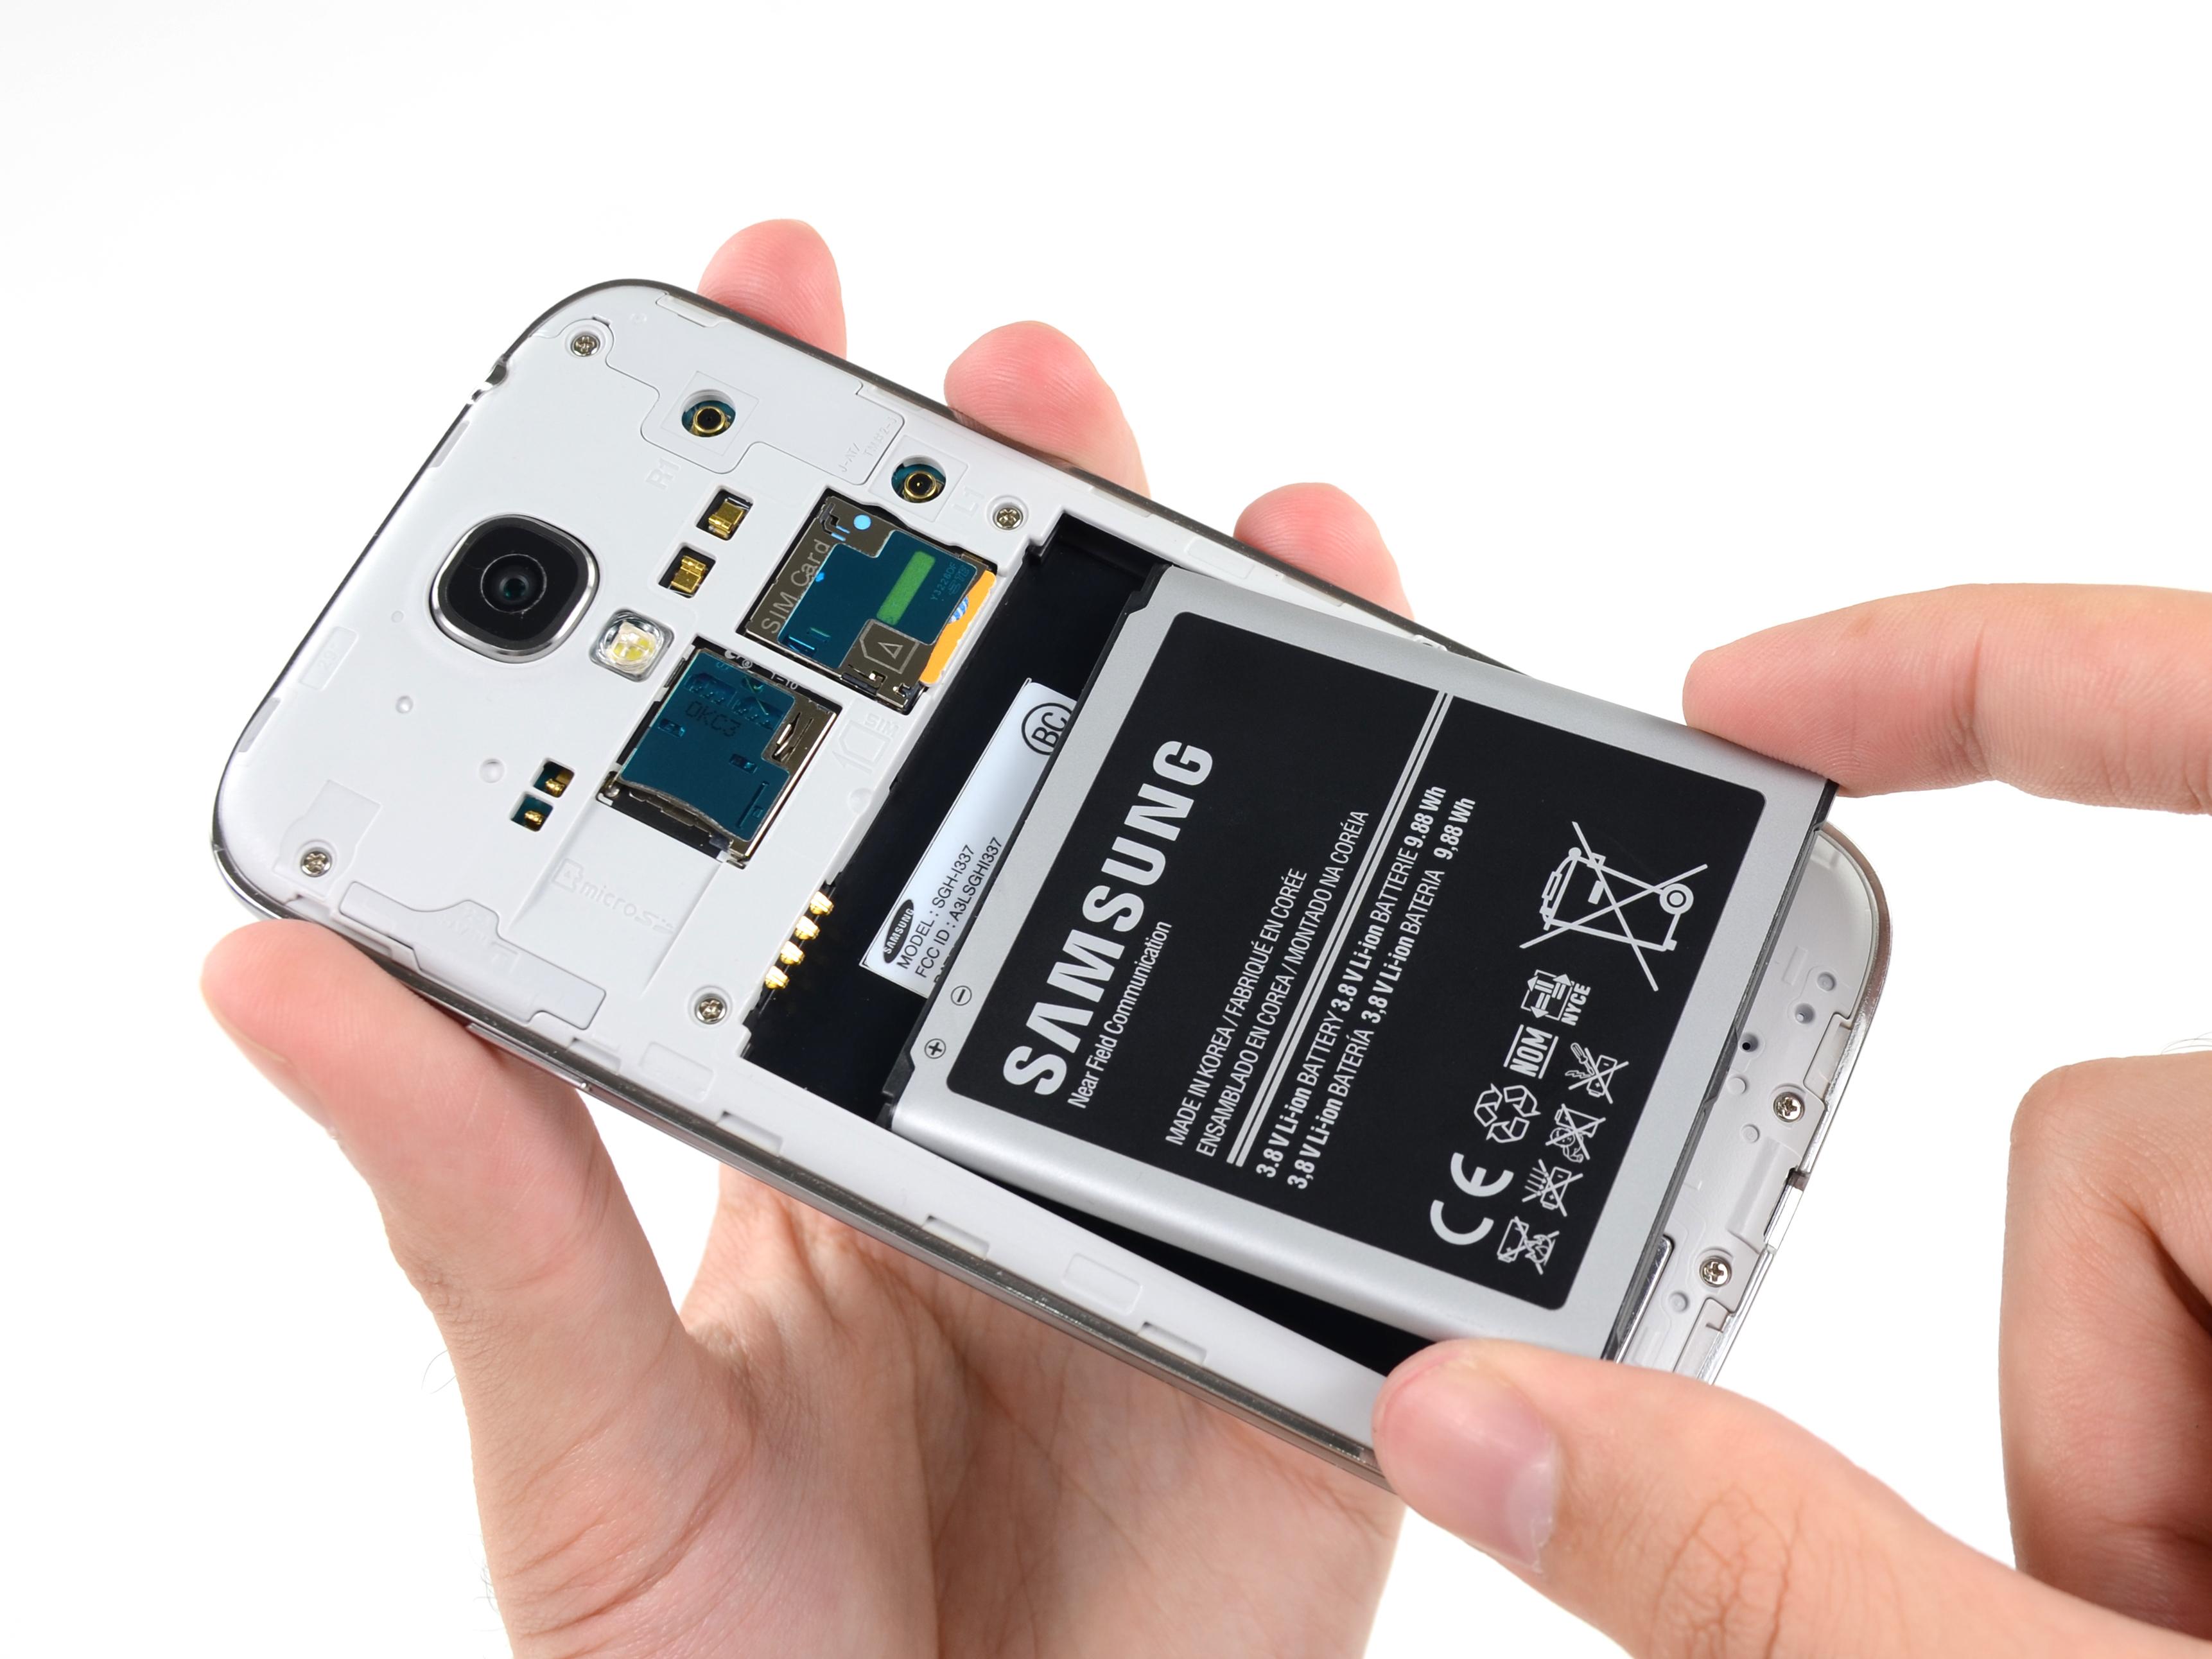 Samsung grafen pil teknolojisi ile mobil pazarı değiştirecek